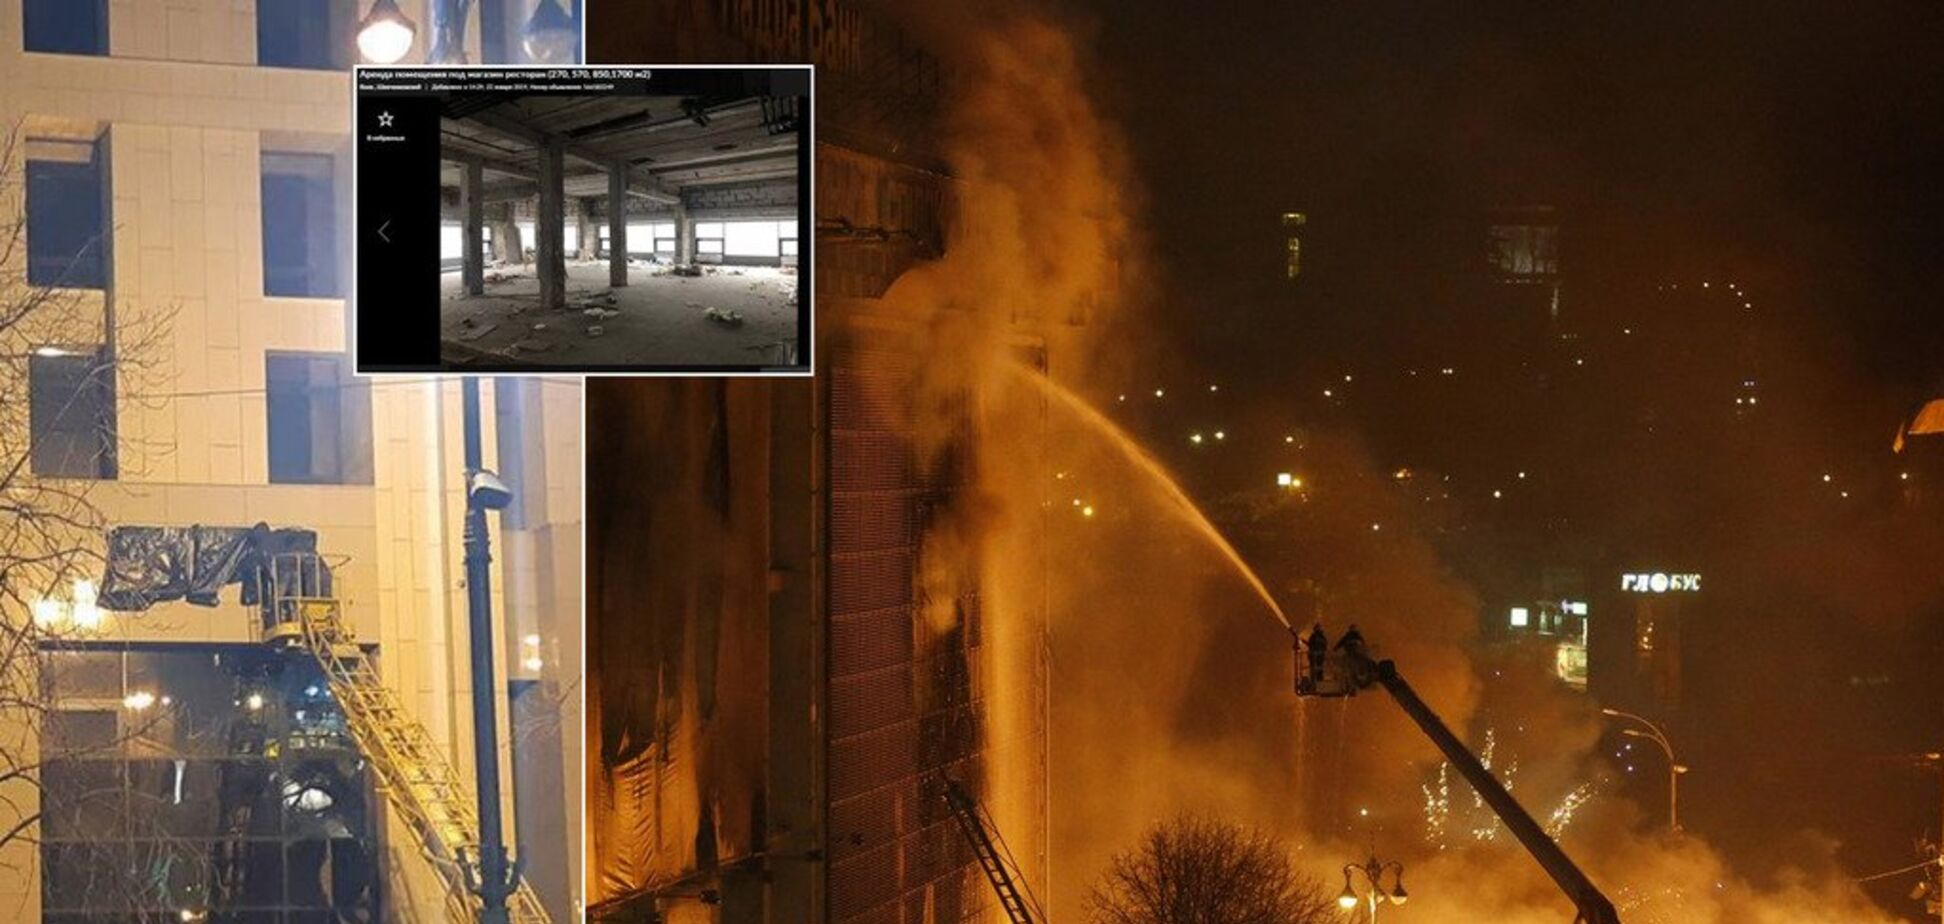 Відкриють ресторани і супермаркет: навколо місця загибелі людей на Майдані спалахнув цинічний скандал